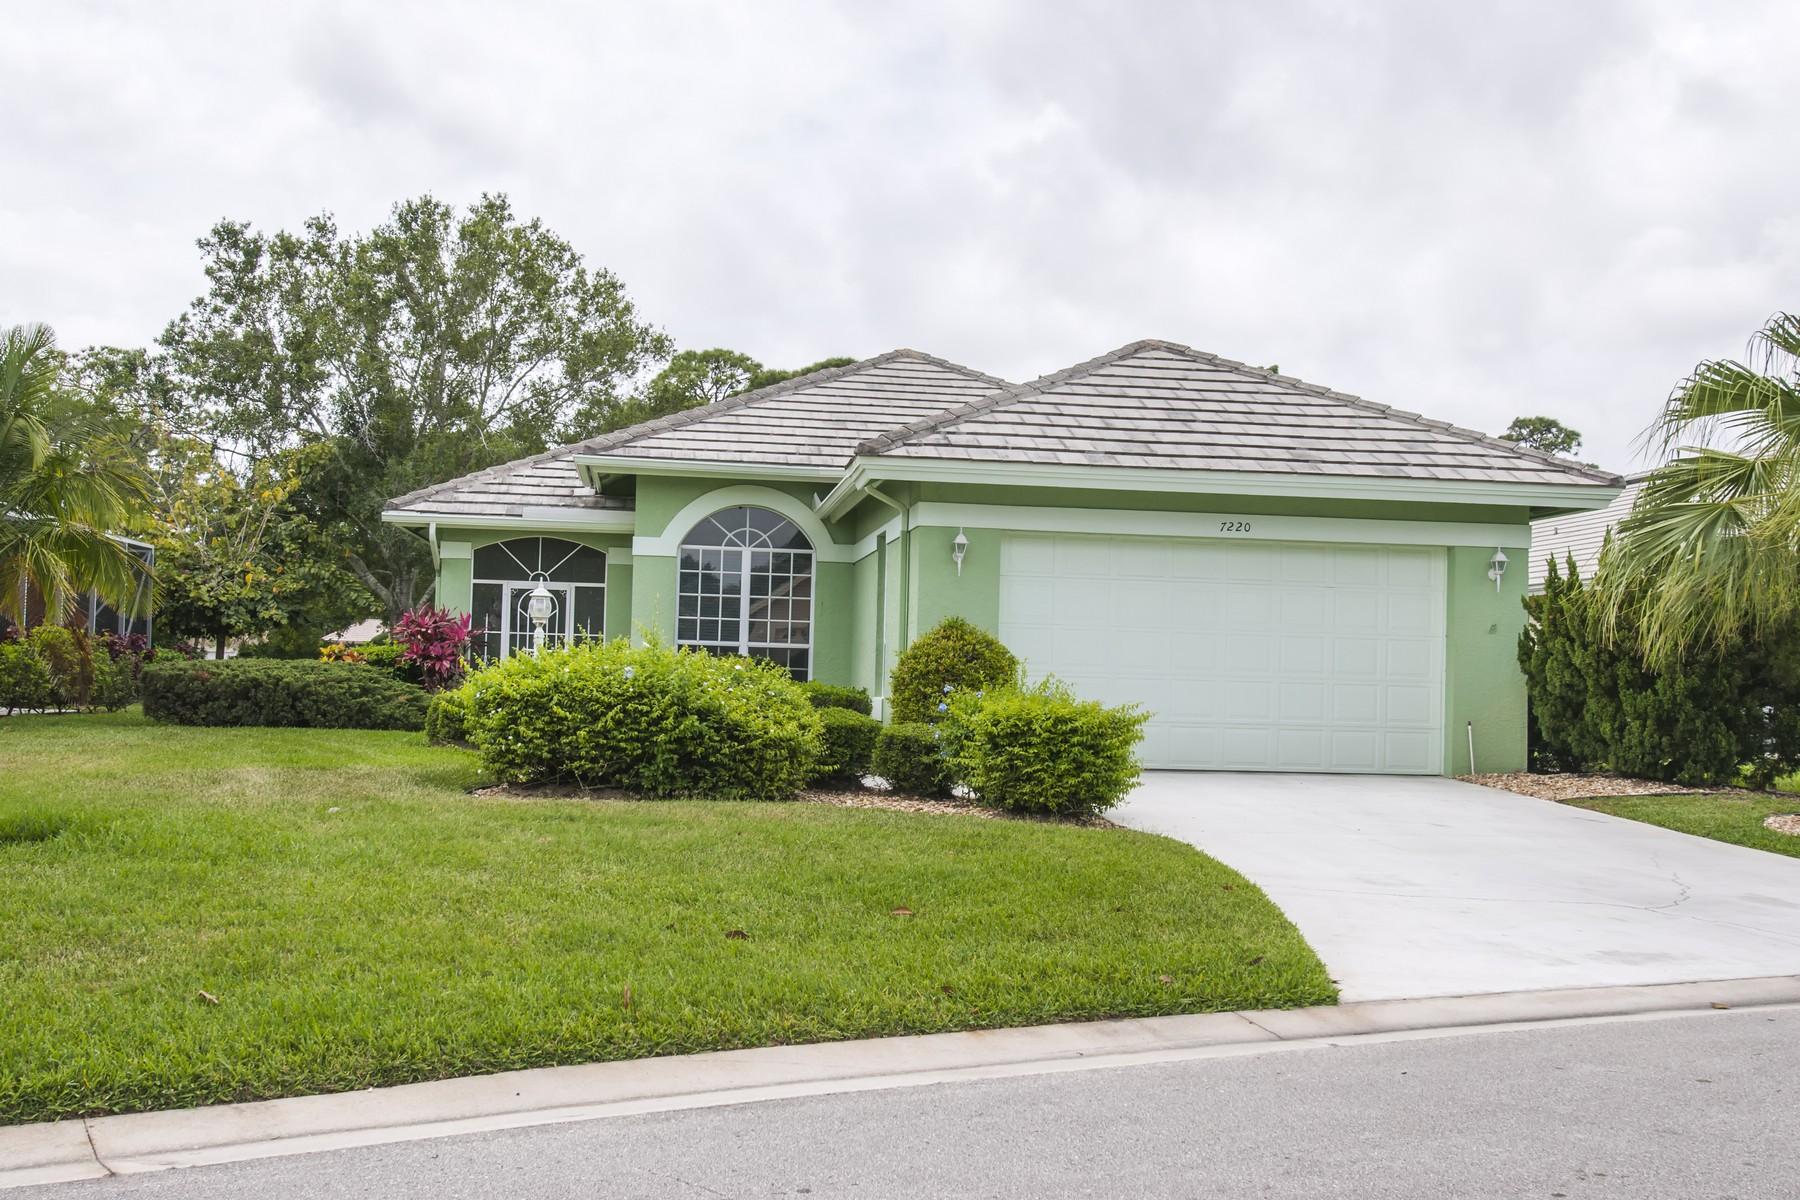 Casa para uma família para Venda às Private Setting with Lake and Preserve Views 7220 Marsh Terrace Port St. Lucie, Florida, 34986 Estados Unidos